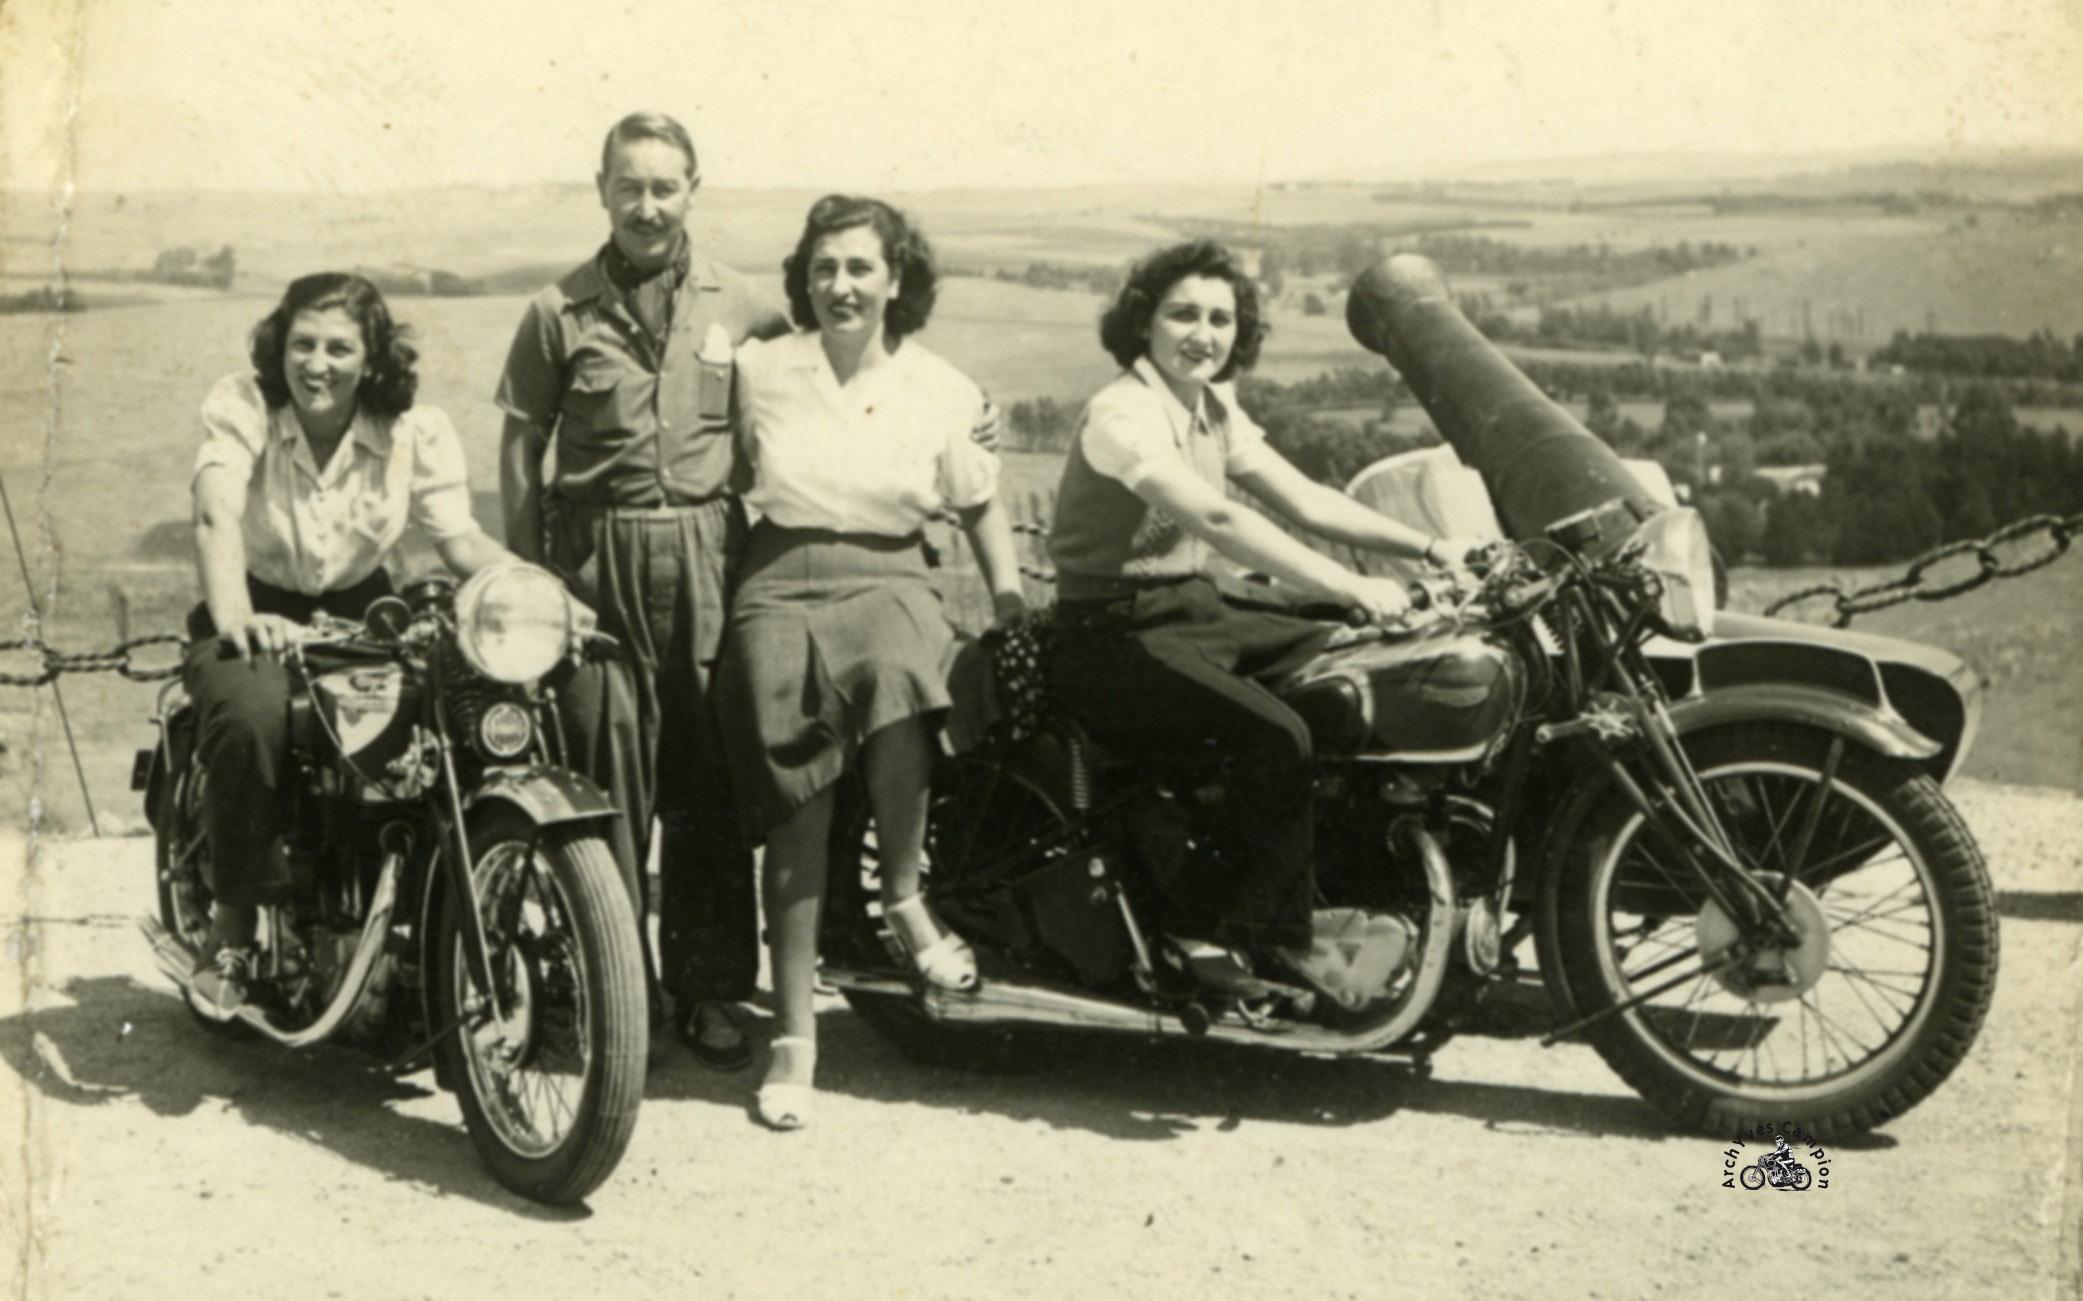 Motobécane 500 Superculasse-Triumph 500 1953s